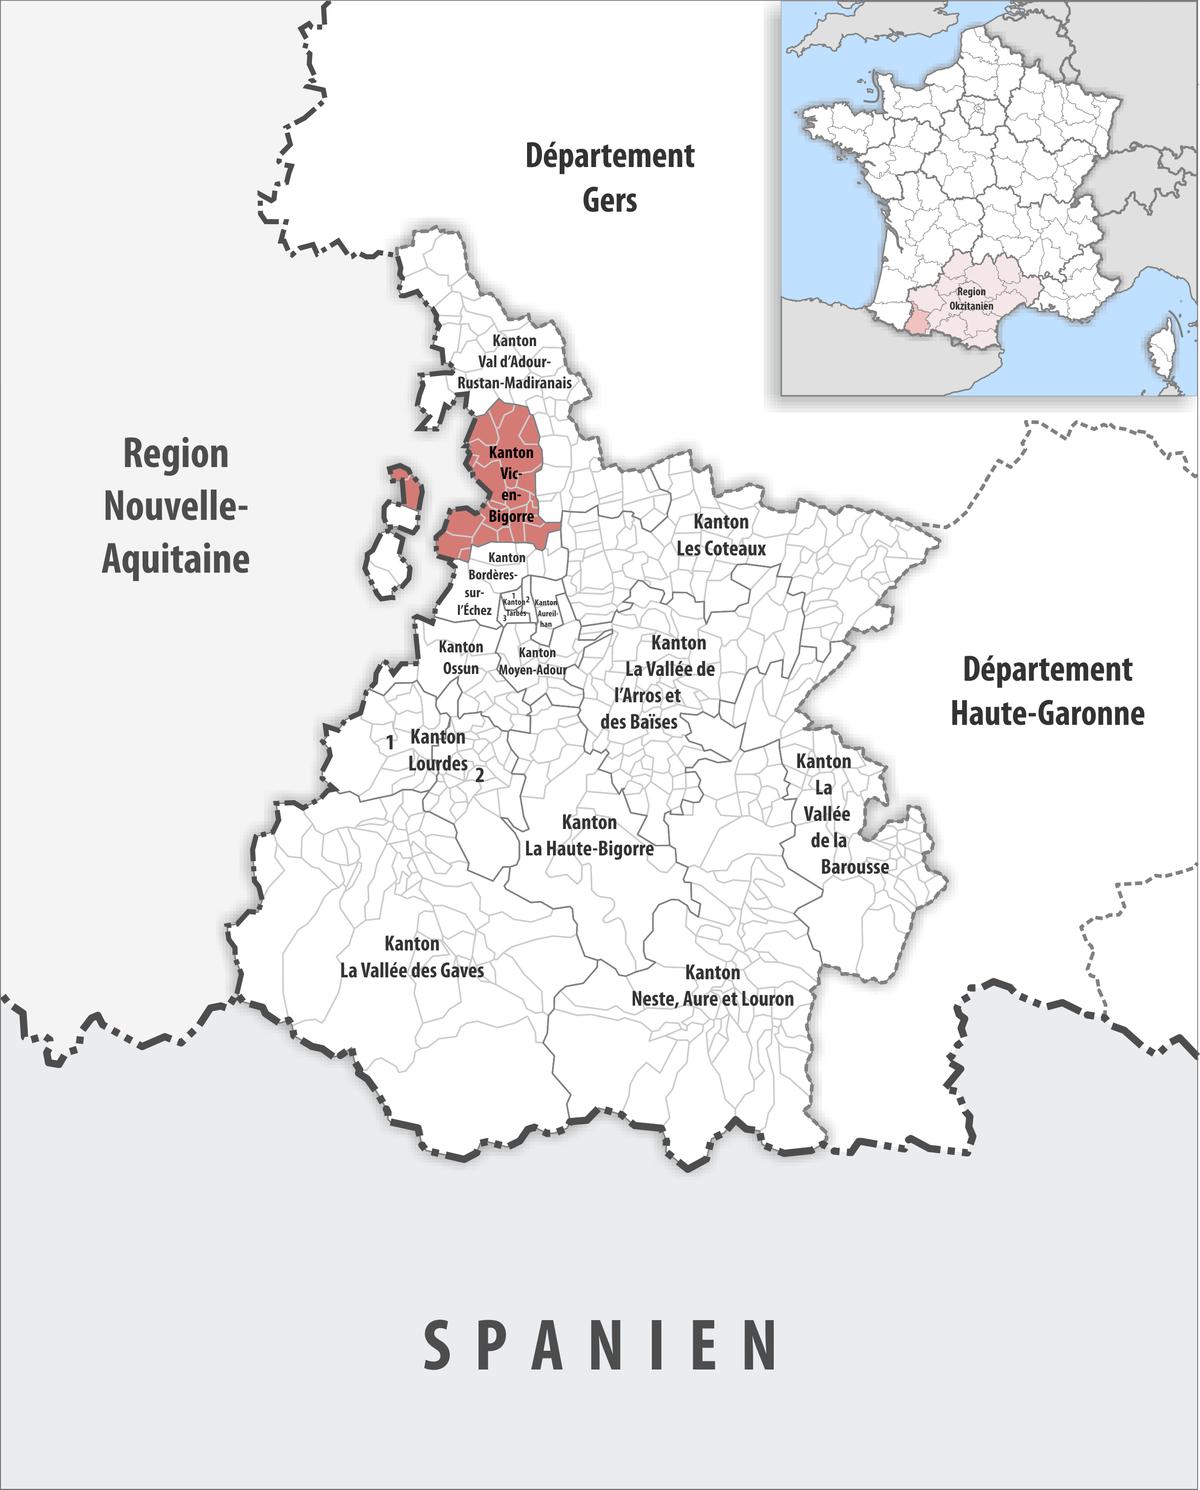 Borderes Sur Echez Jumel Ef Bf Bde Avec Quelle Ville D Espagne